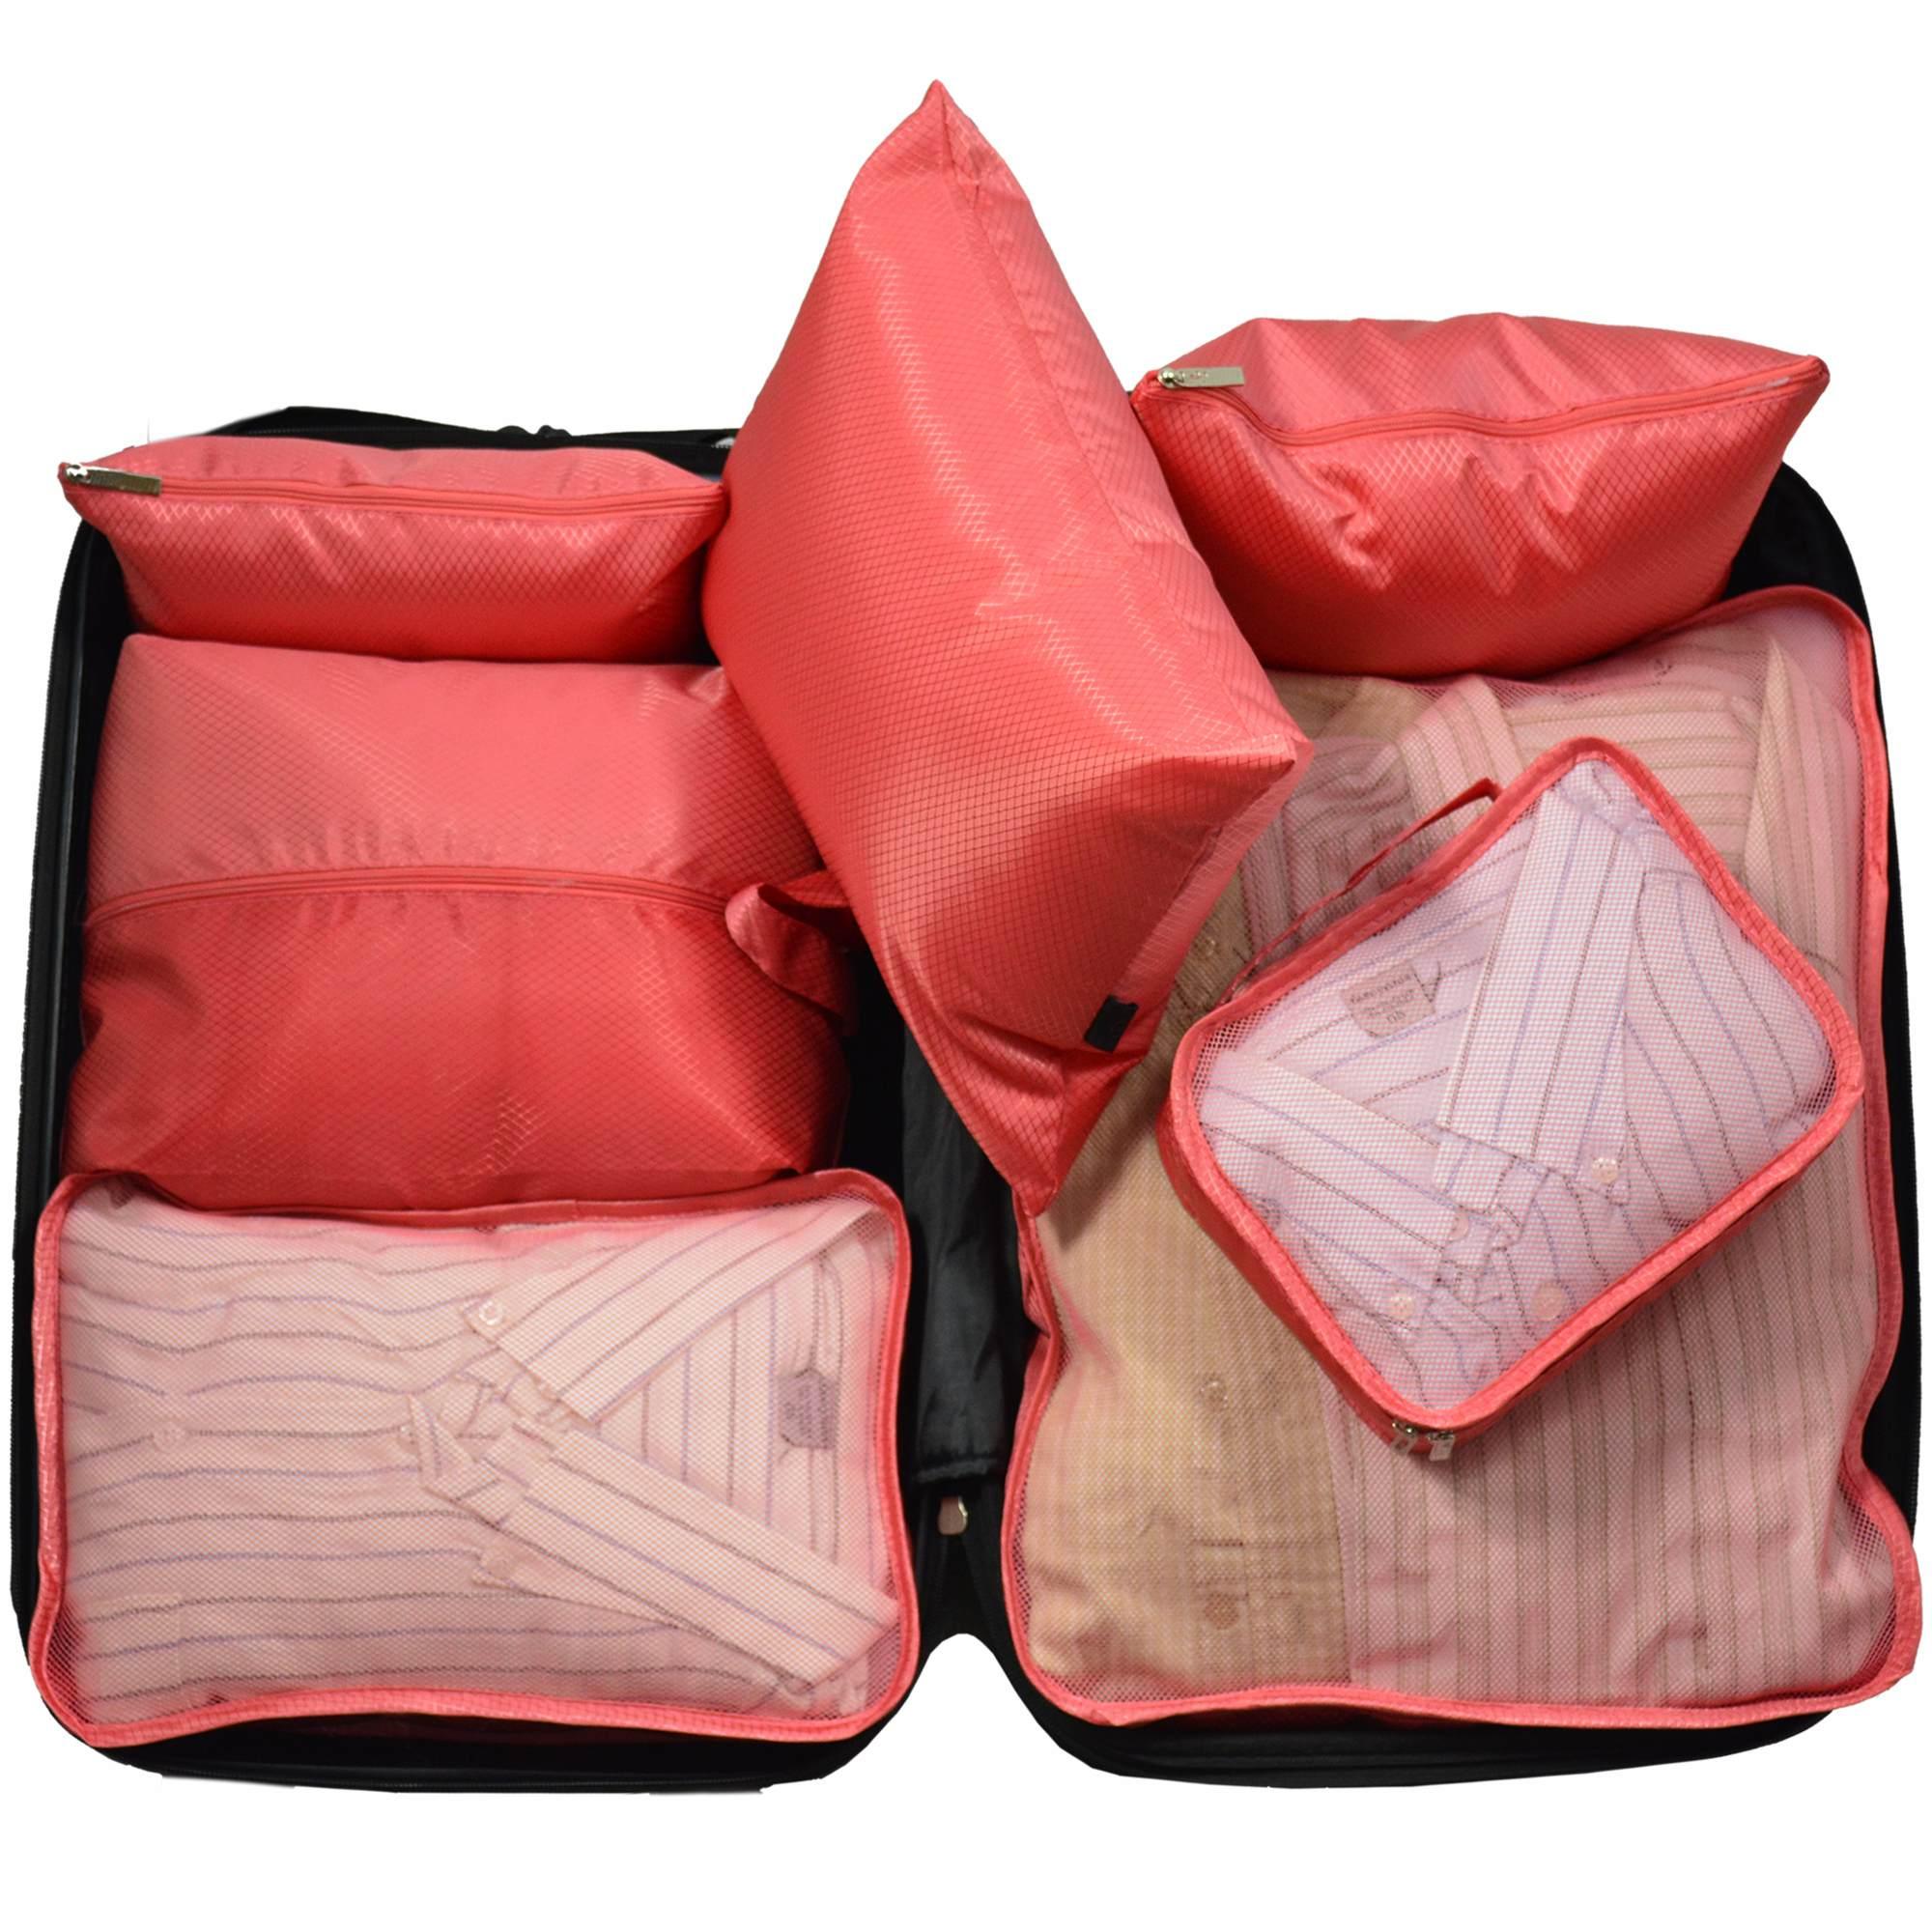 Organizador de Mala Viagem Necessaire Kit 7 Peças Rosa CBRN113692